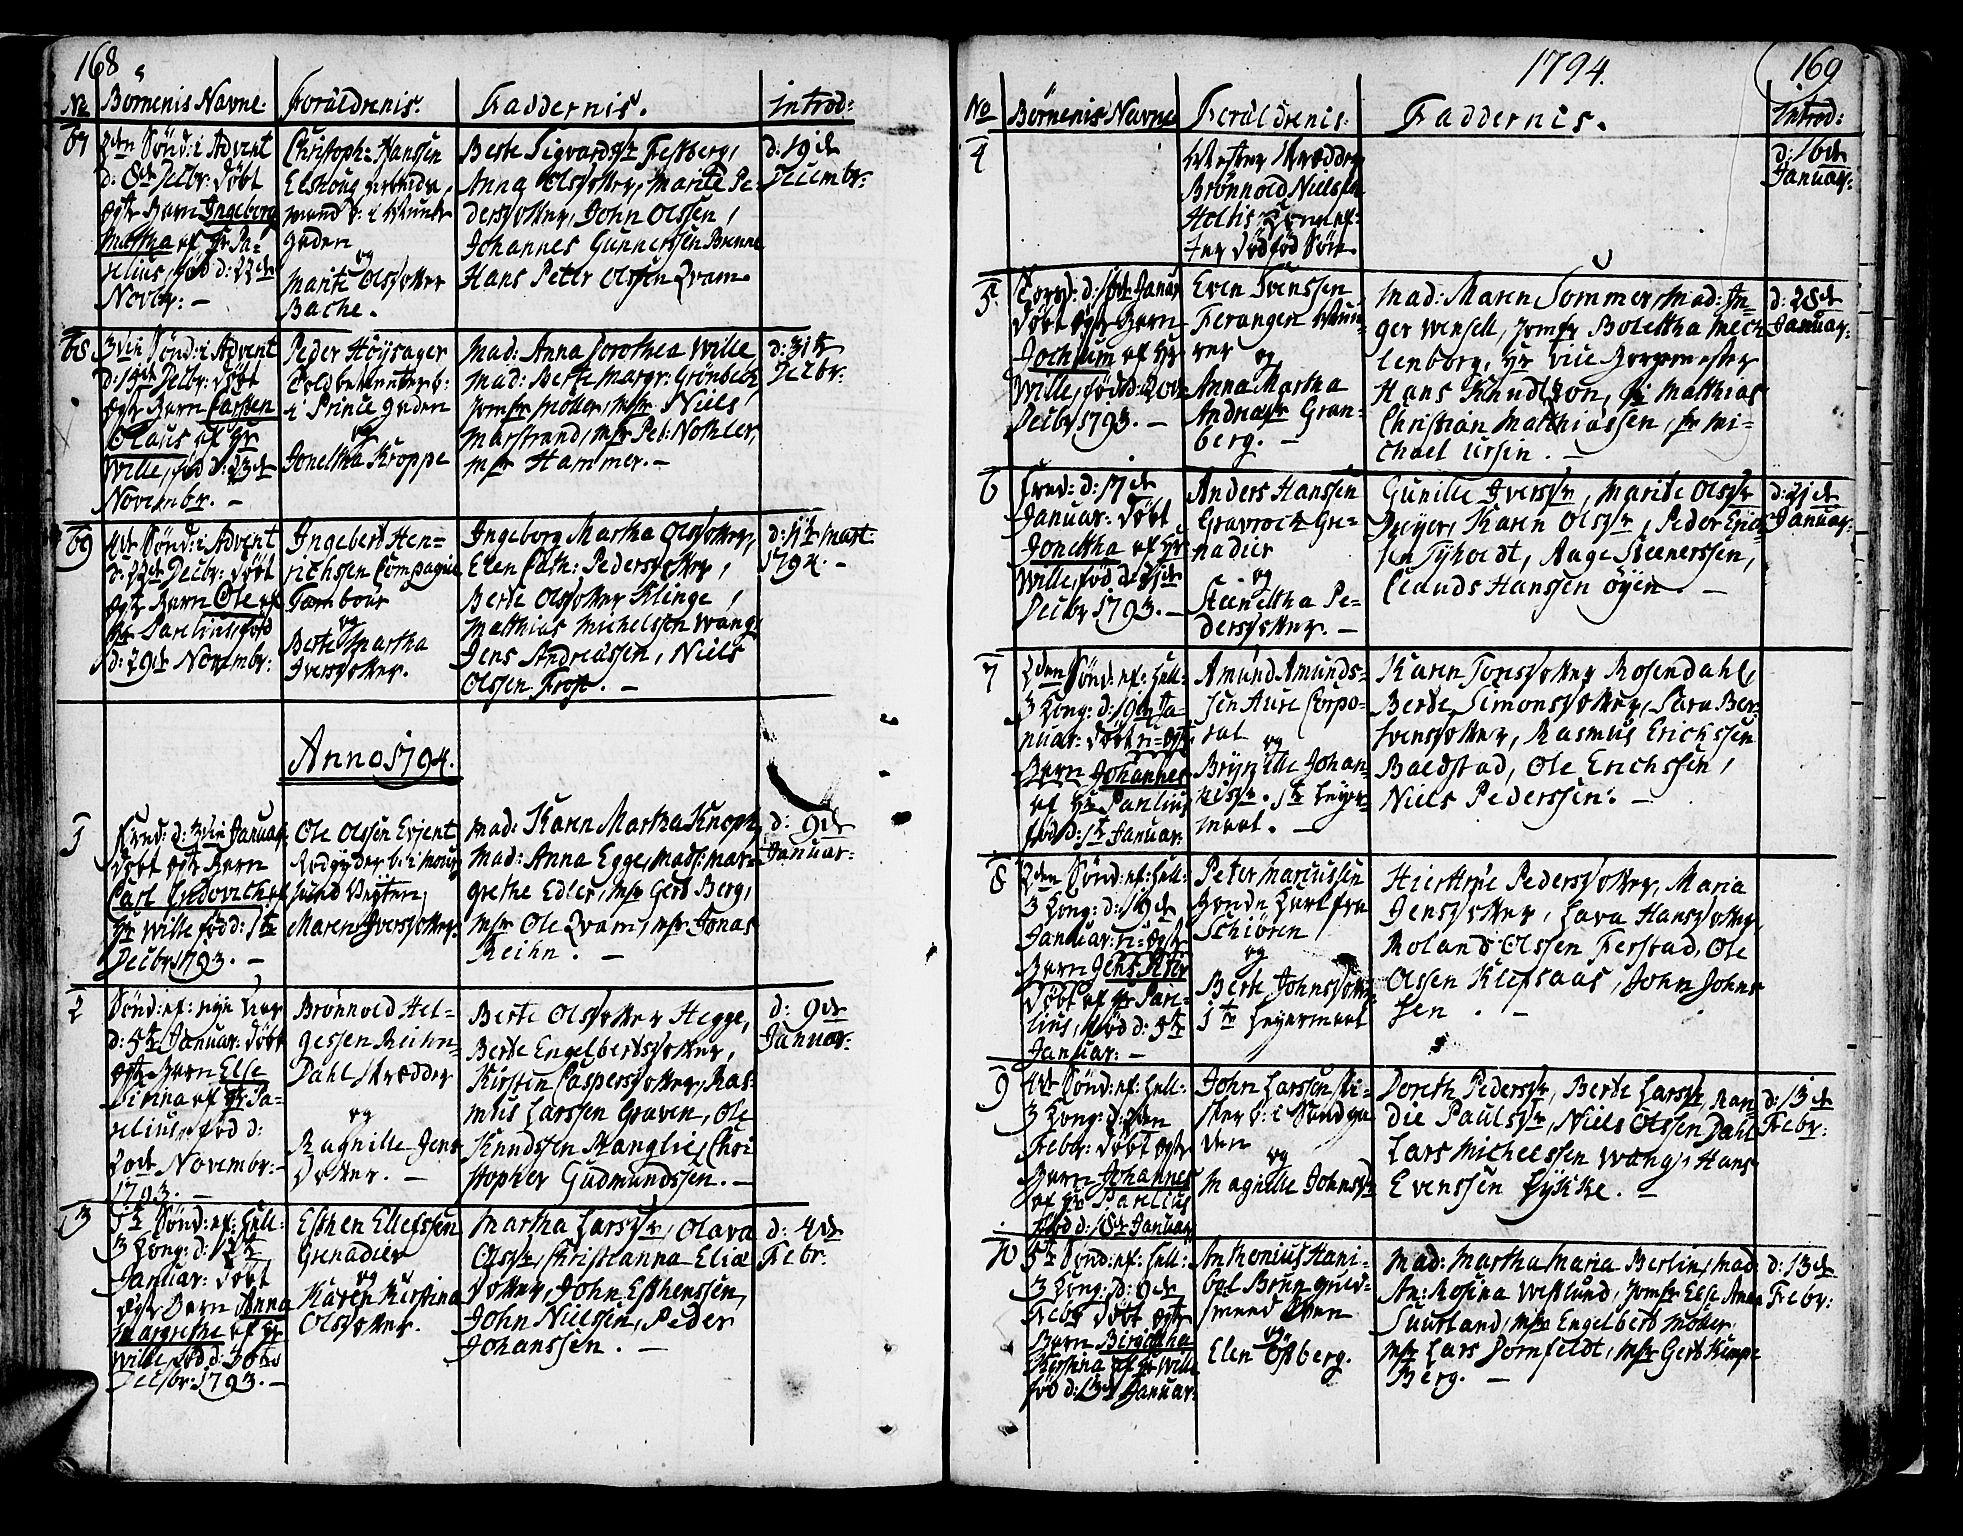 SAT, Ministerialprotokoller, klokkerbøker og fødselsregistre - Sør-Trøndelag, 602/L0104: Ministerialbok nr. 602A02, 1774-1814, s. 168-169